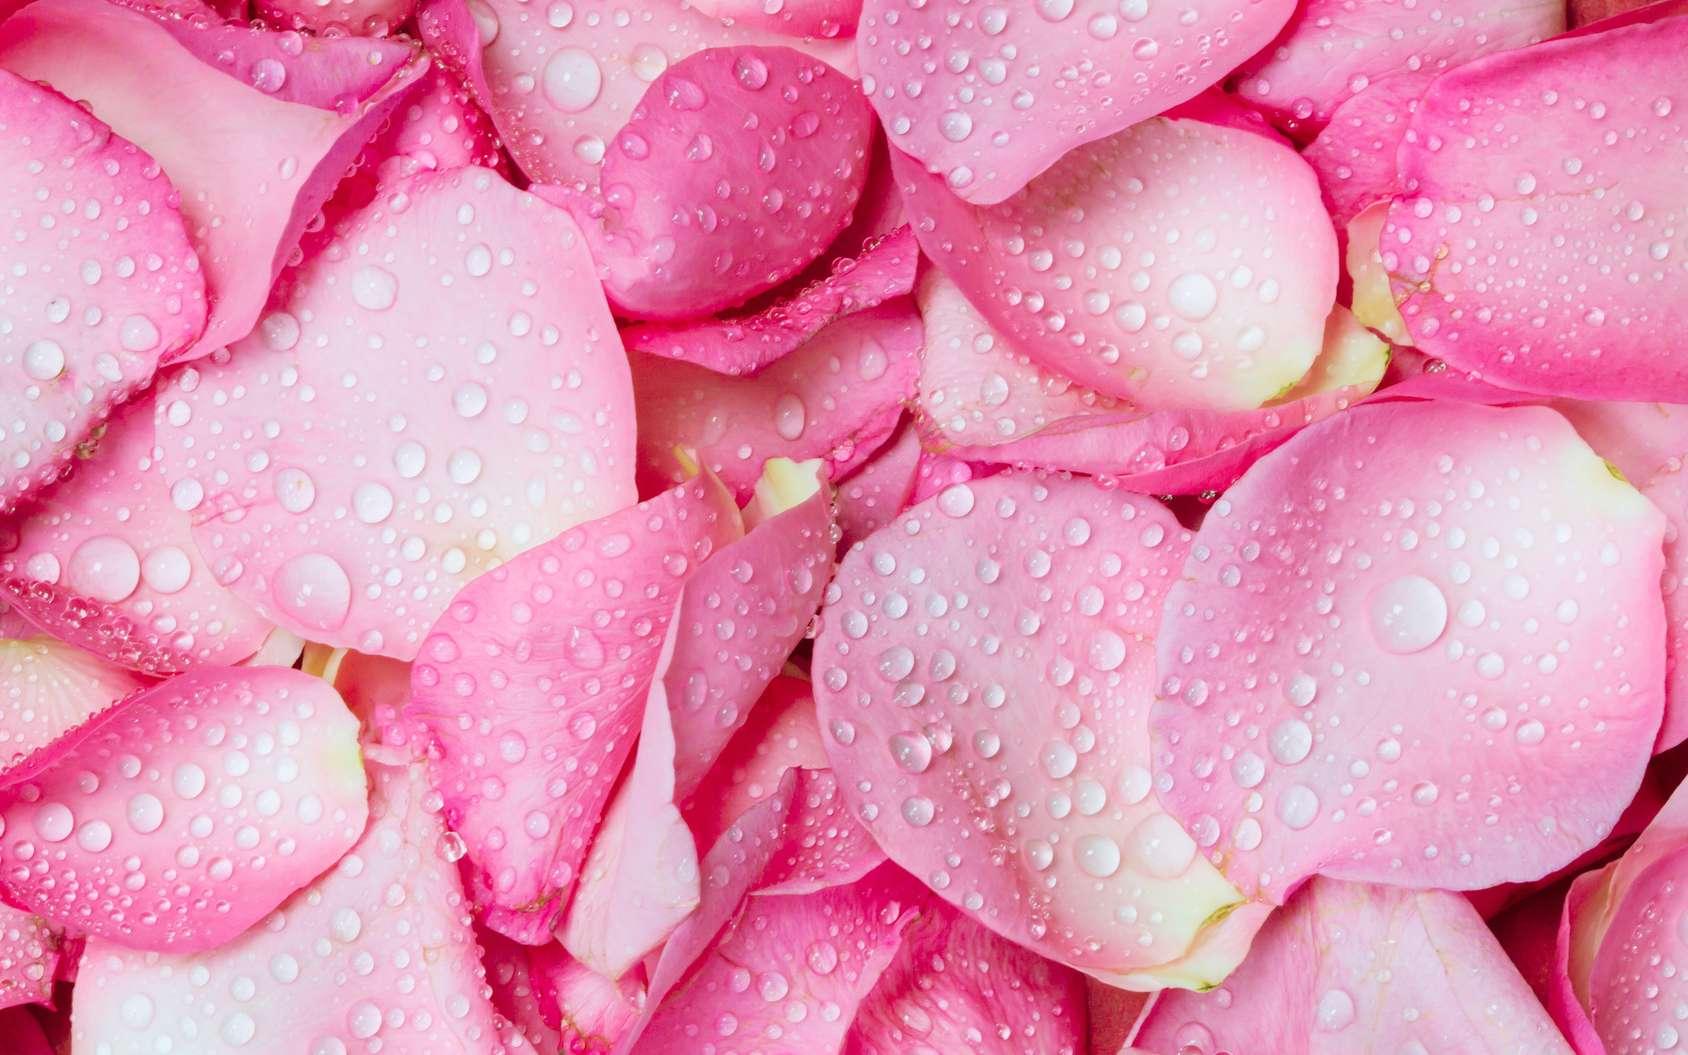 Les bienfaits de l'eau de rose sur la peau sont nombreux. Le mélange possède notamment des propriétés anti-inflammatoires, astringentes et tonifiantes. © pinkomelet, fotolia